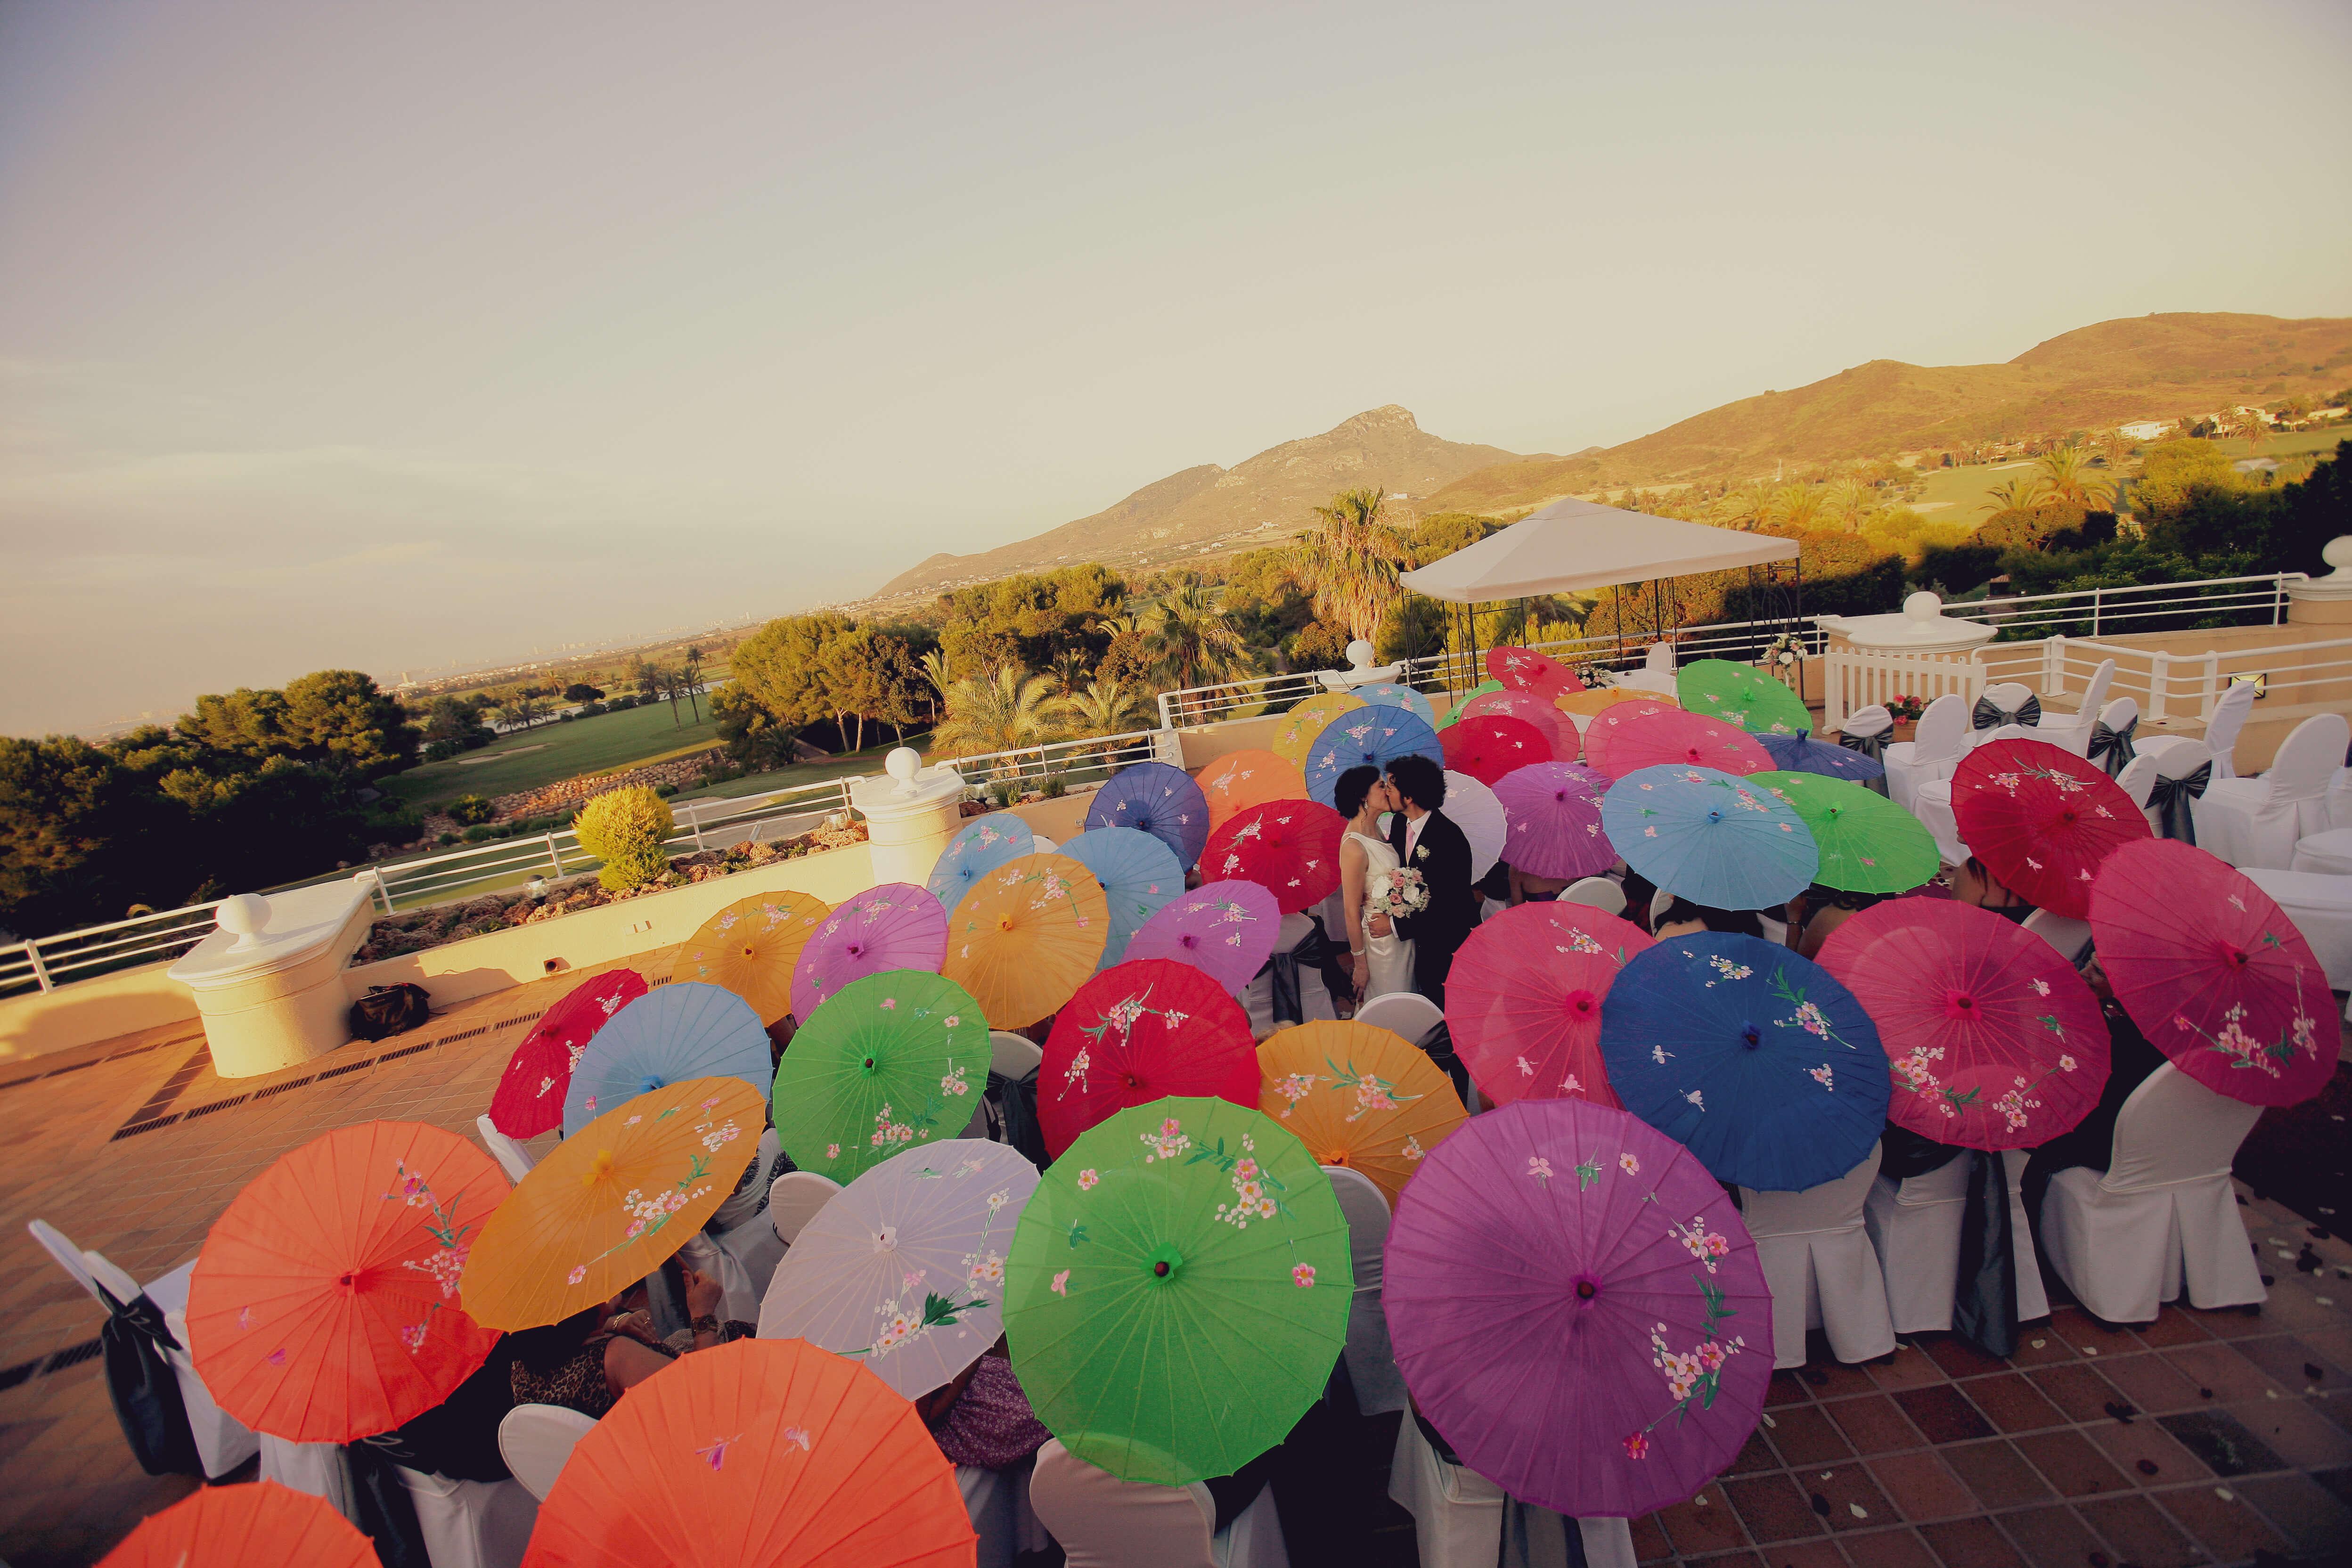 la boda de los paraguas